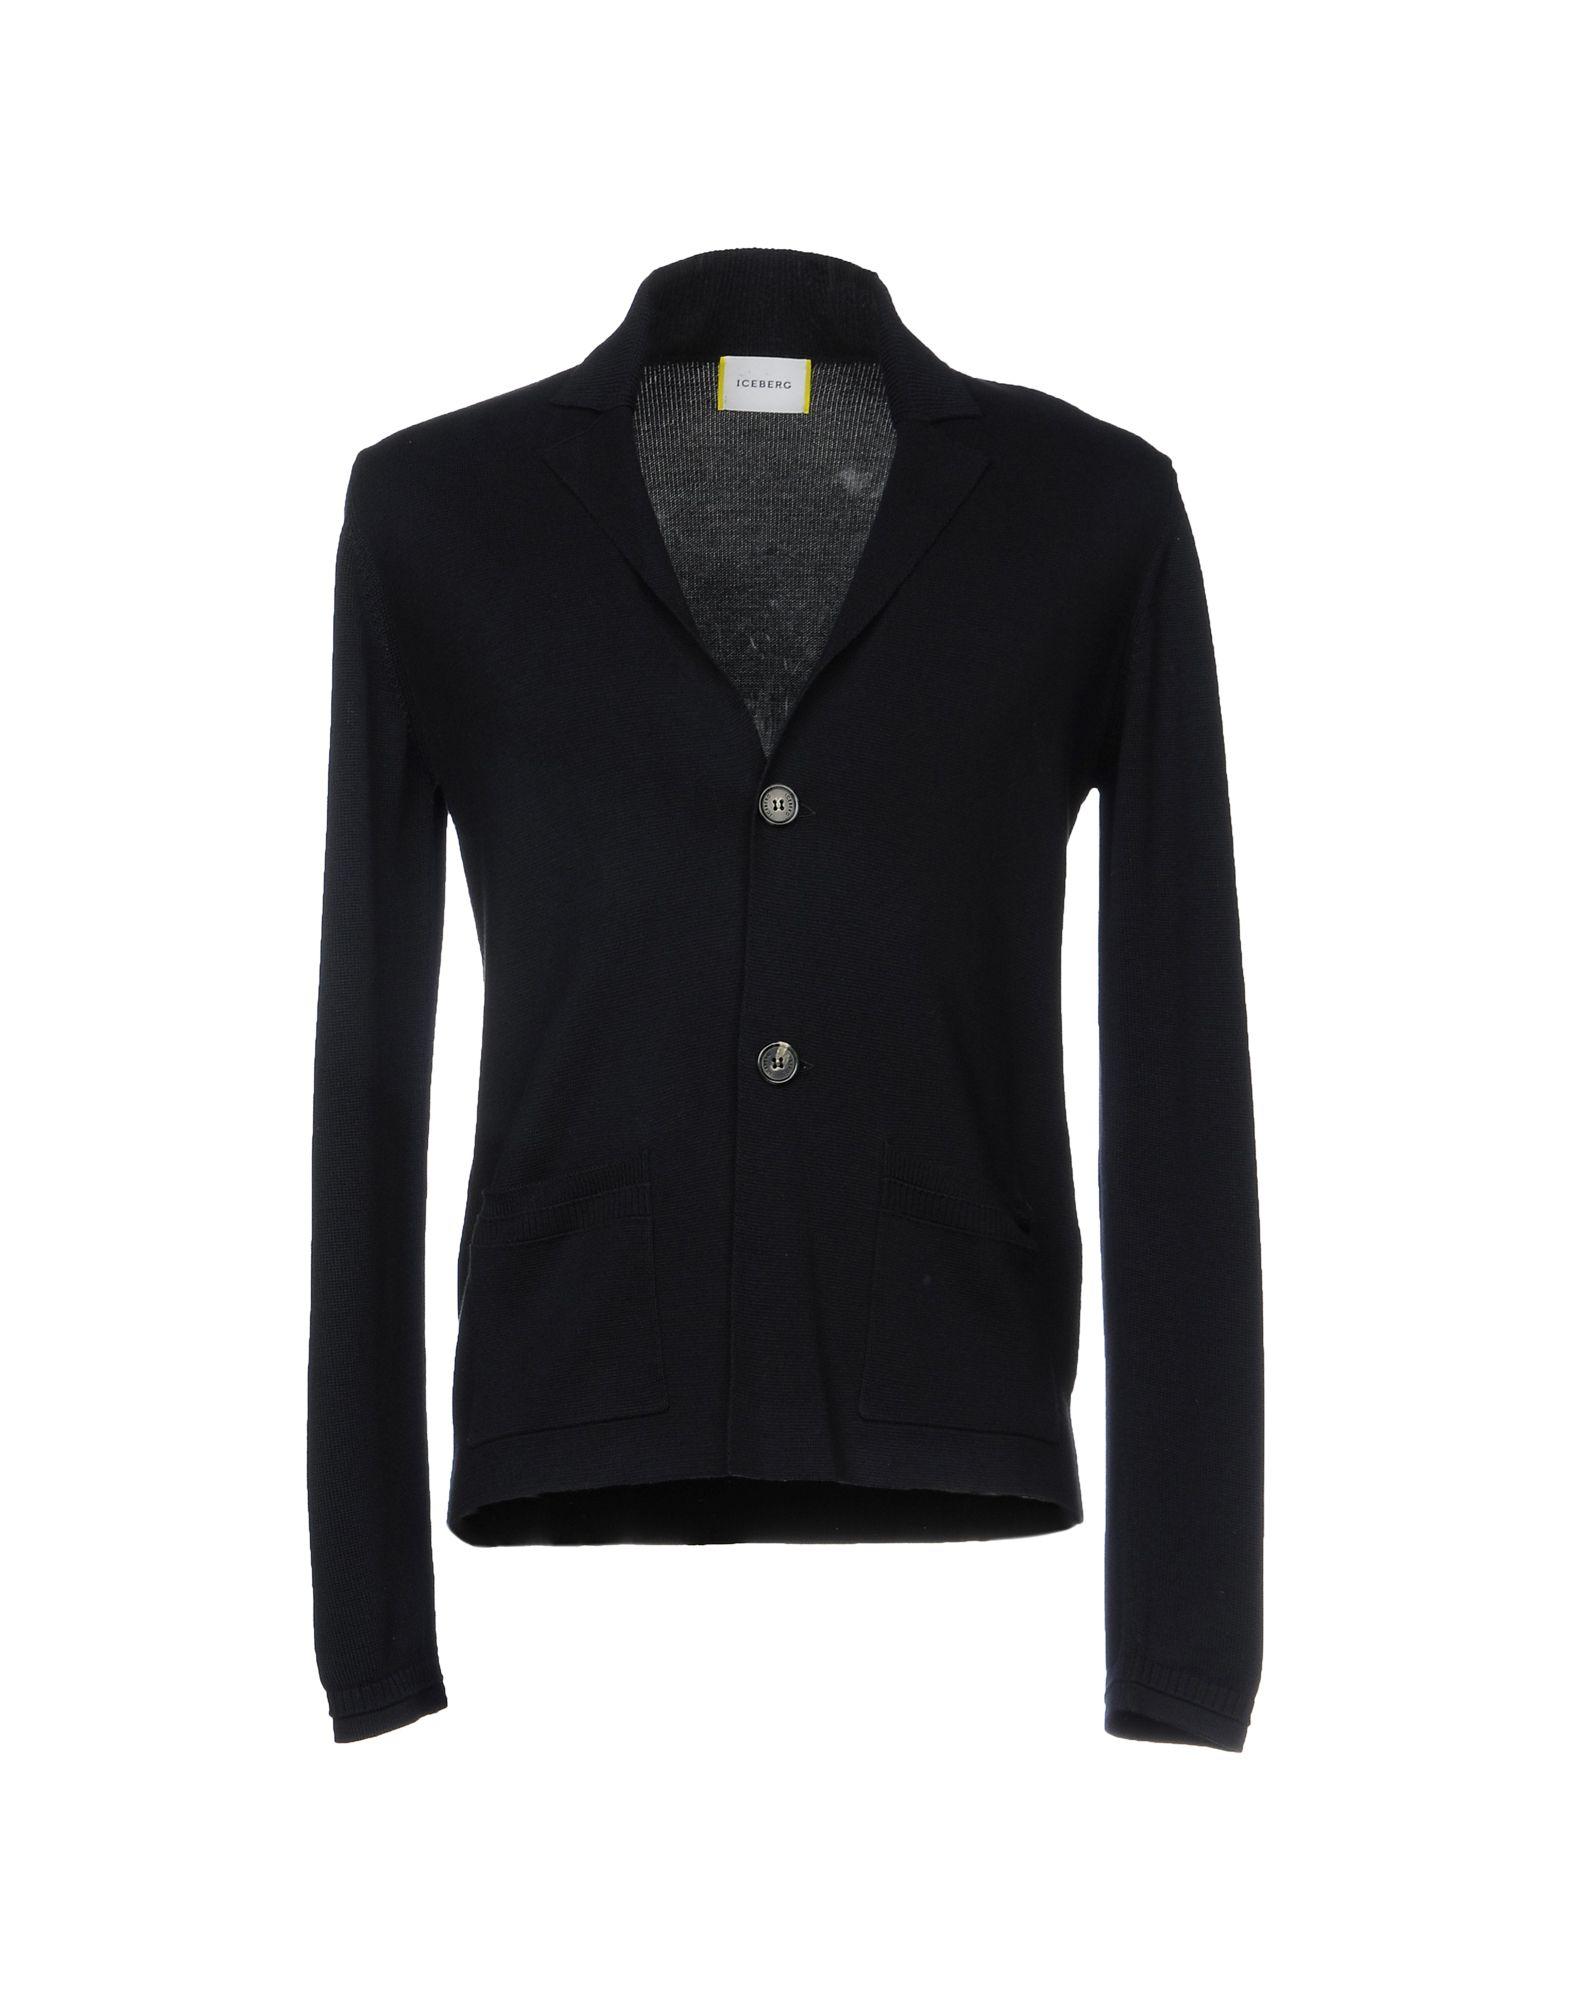 485f605ca iceberg cardigans knitwear for men - Buy best men's iceberg ...